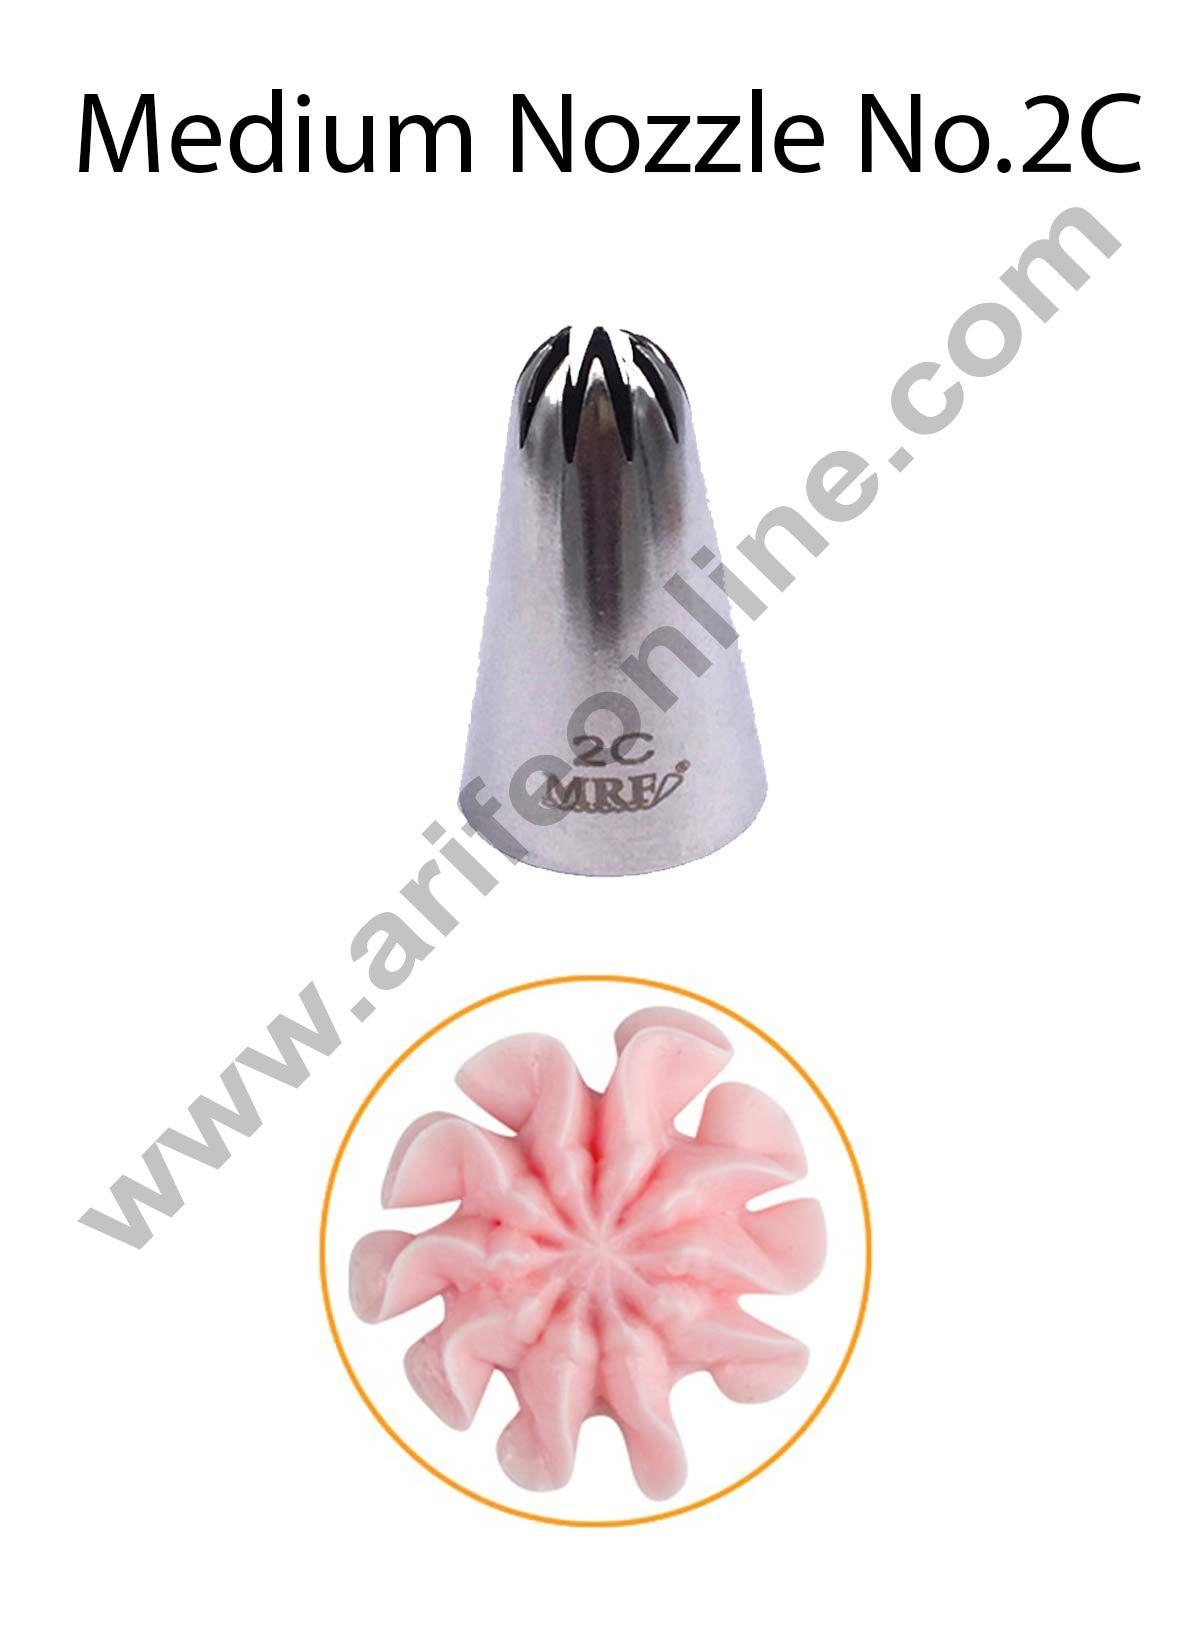 Cake Decor Medium Nozzle - No. 2D Closed Star Piping Nozzle